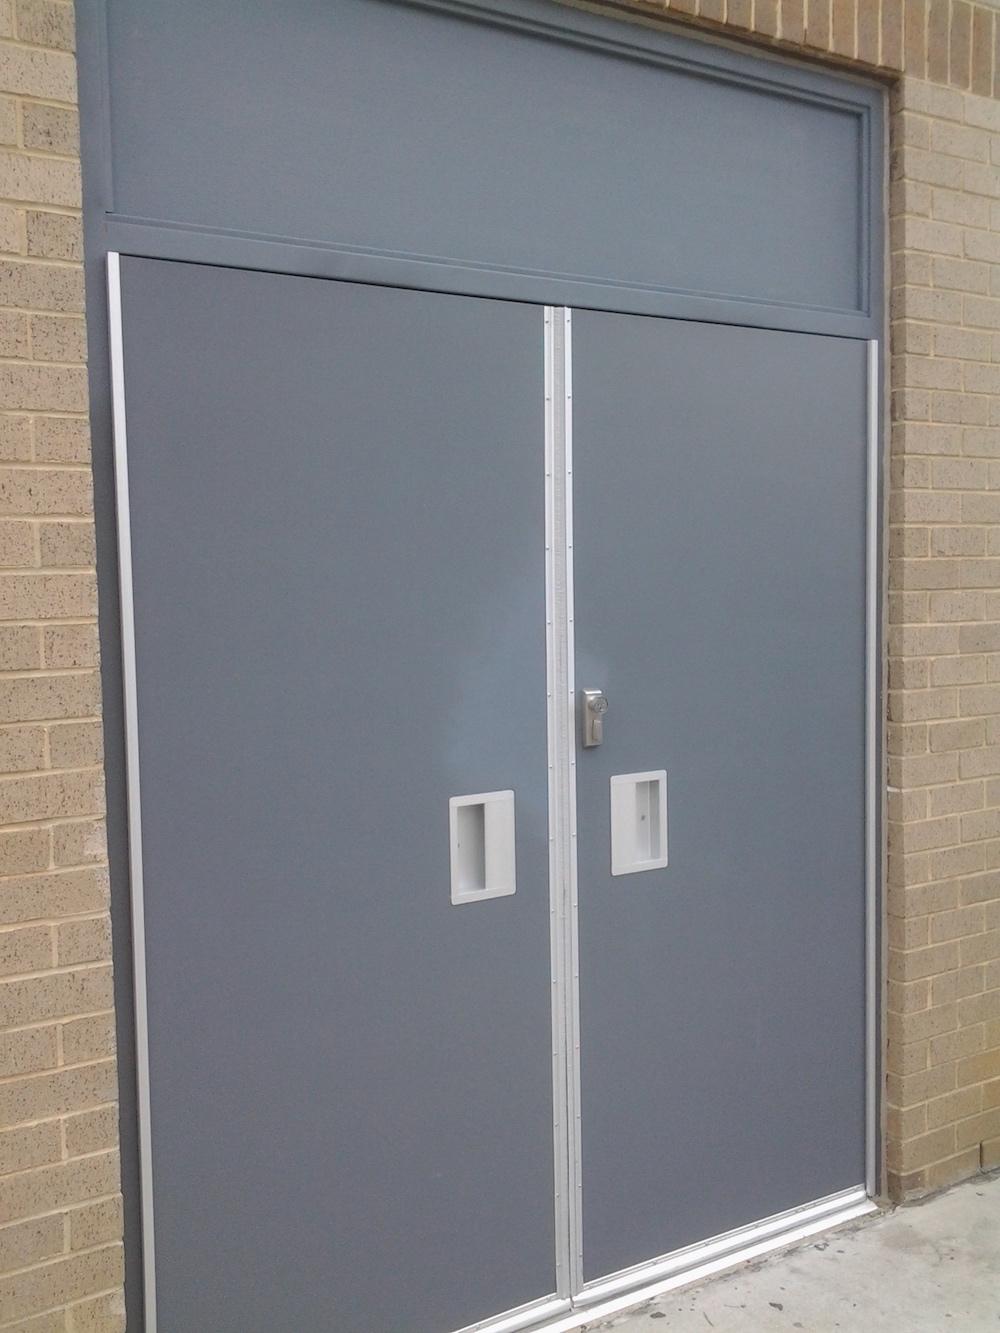 Flush pull hollow metal doors national security door for Flush exterior door